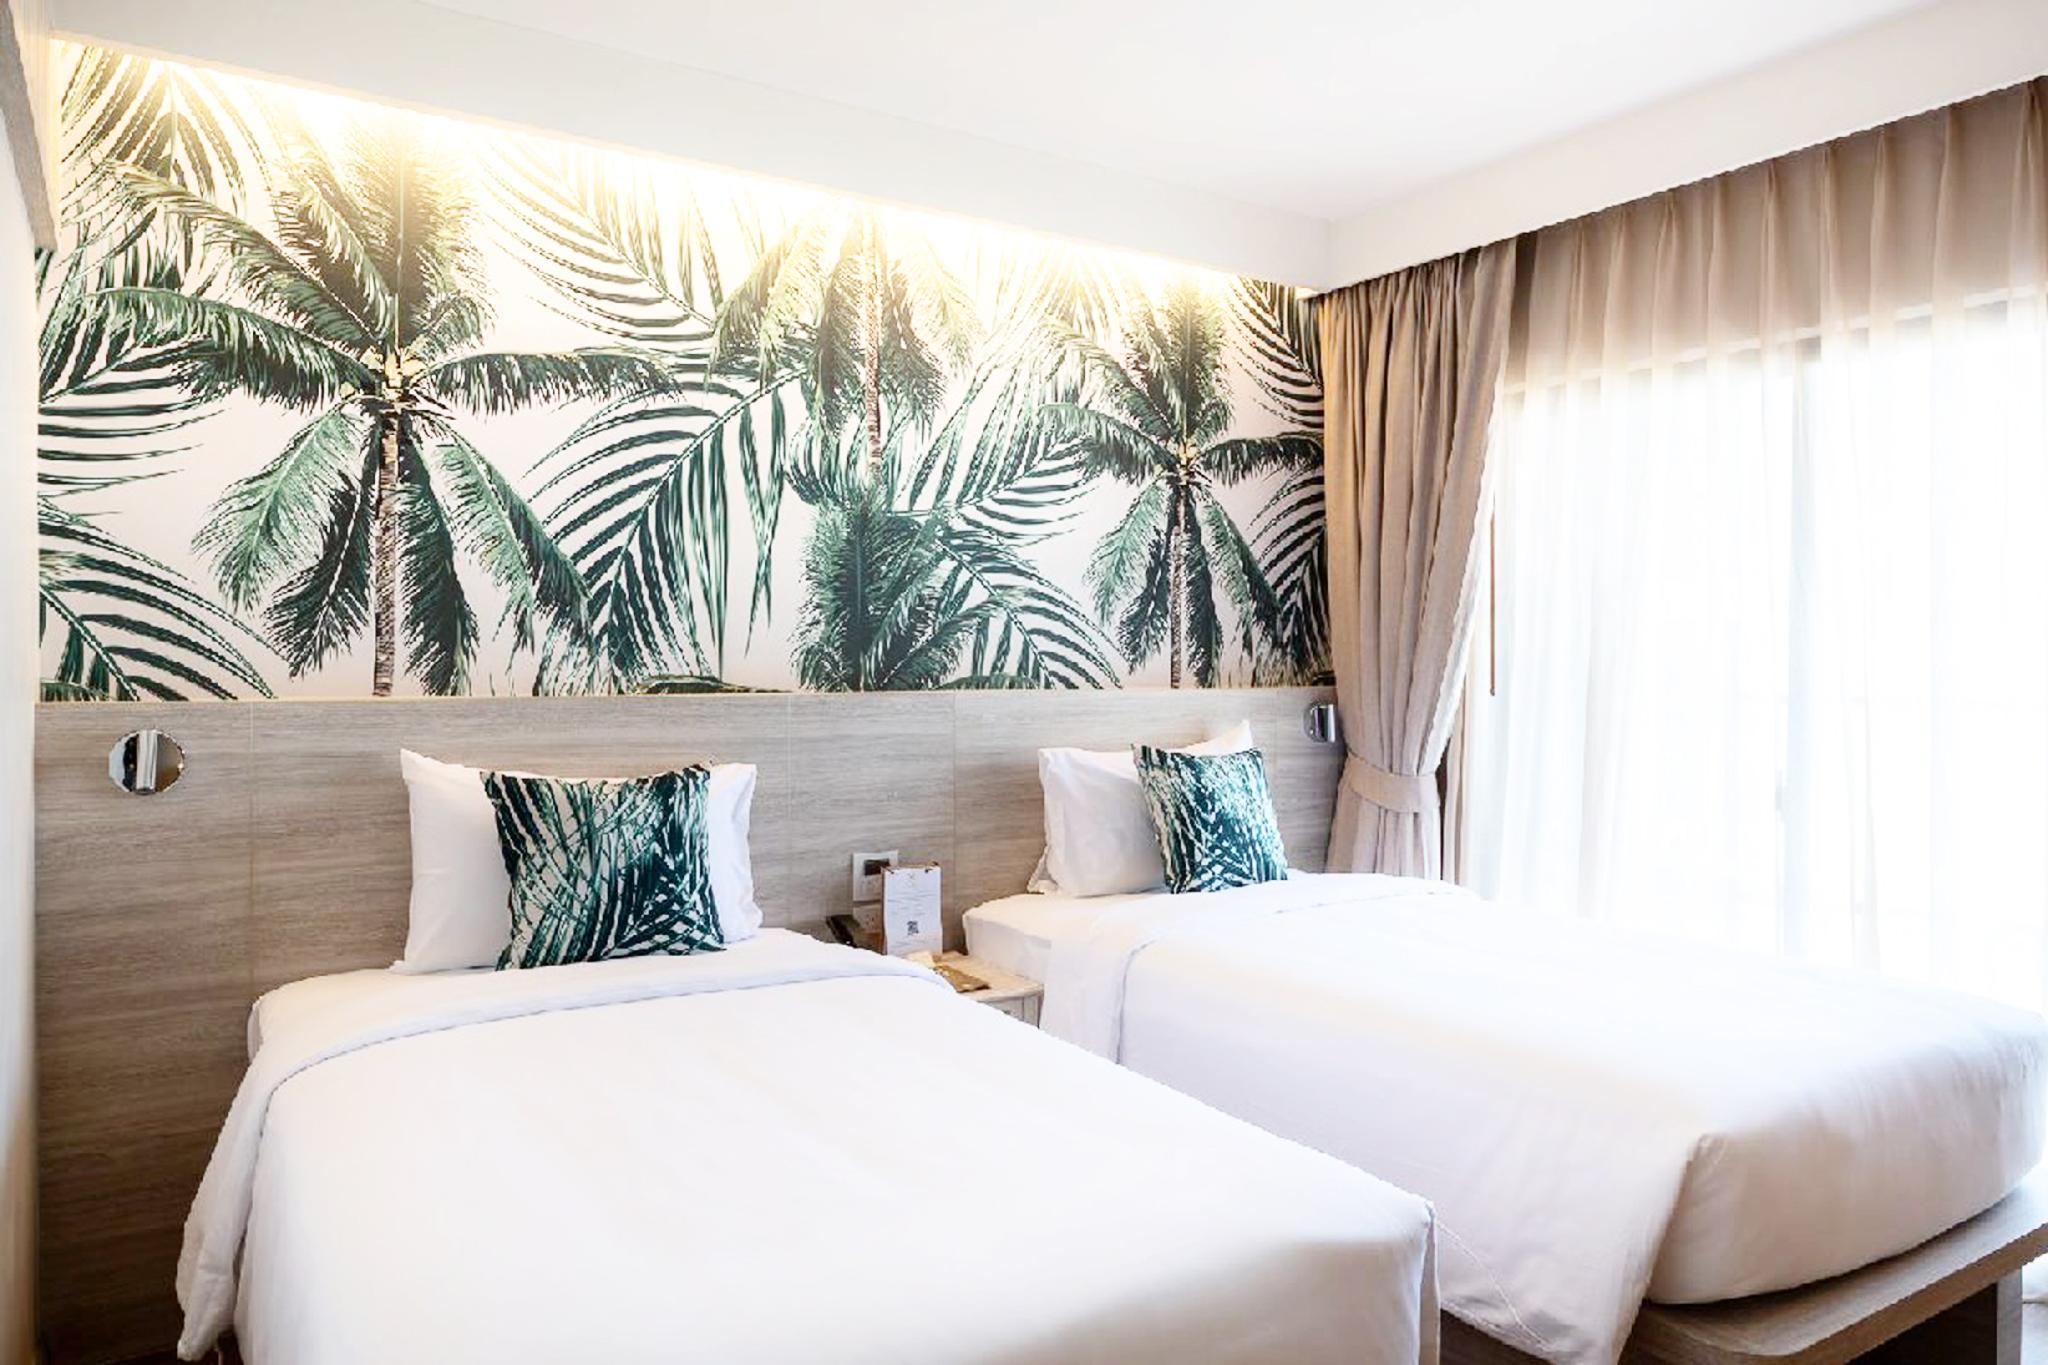 Tropical Escape Resort STU Pool View   PatongBeach อพาร์ตเมนต์ 1 ห้องนอน 1 ห้องน้ำส่วนตัว ขนาด 24 ตร.ม. – ป่าตอง